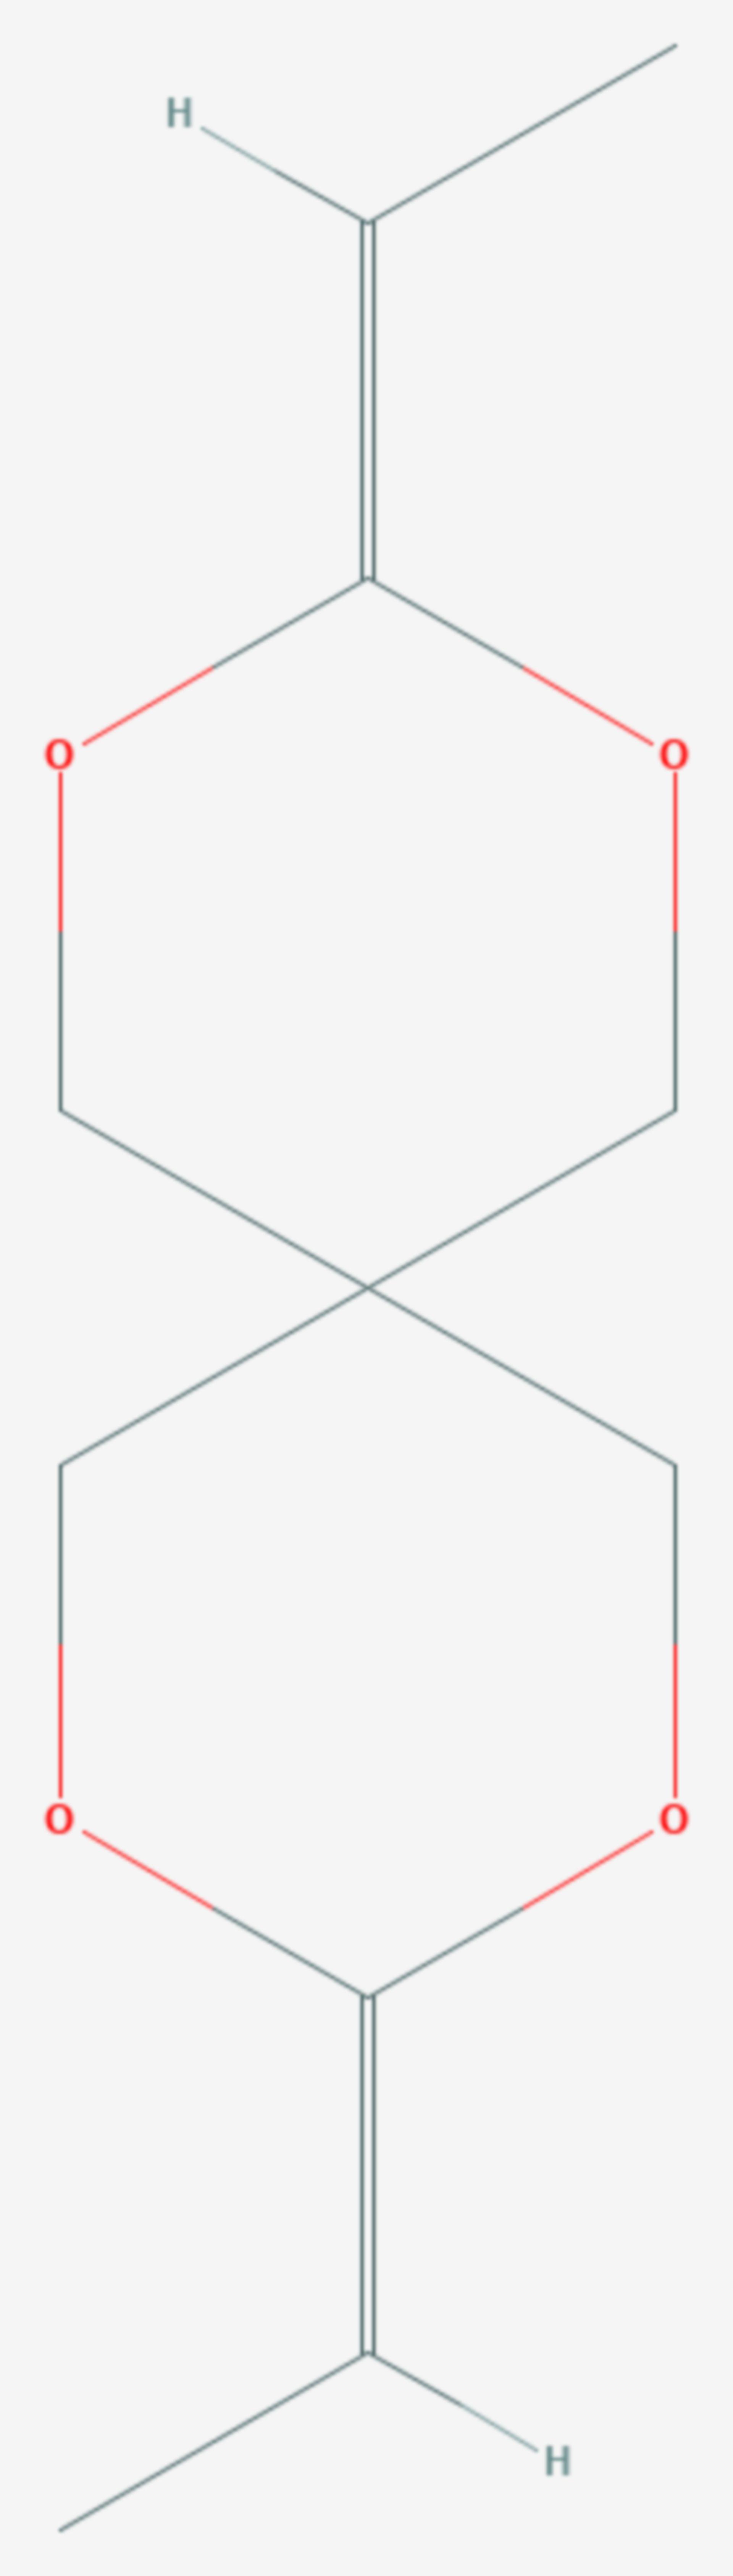 3,9-Diethyliden-2,4,8,10-tetraoxaspiro(5.5)undecan (Strukturformel)